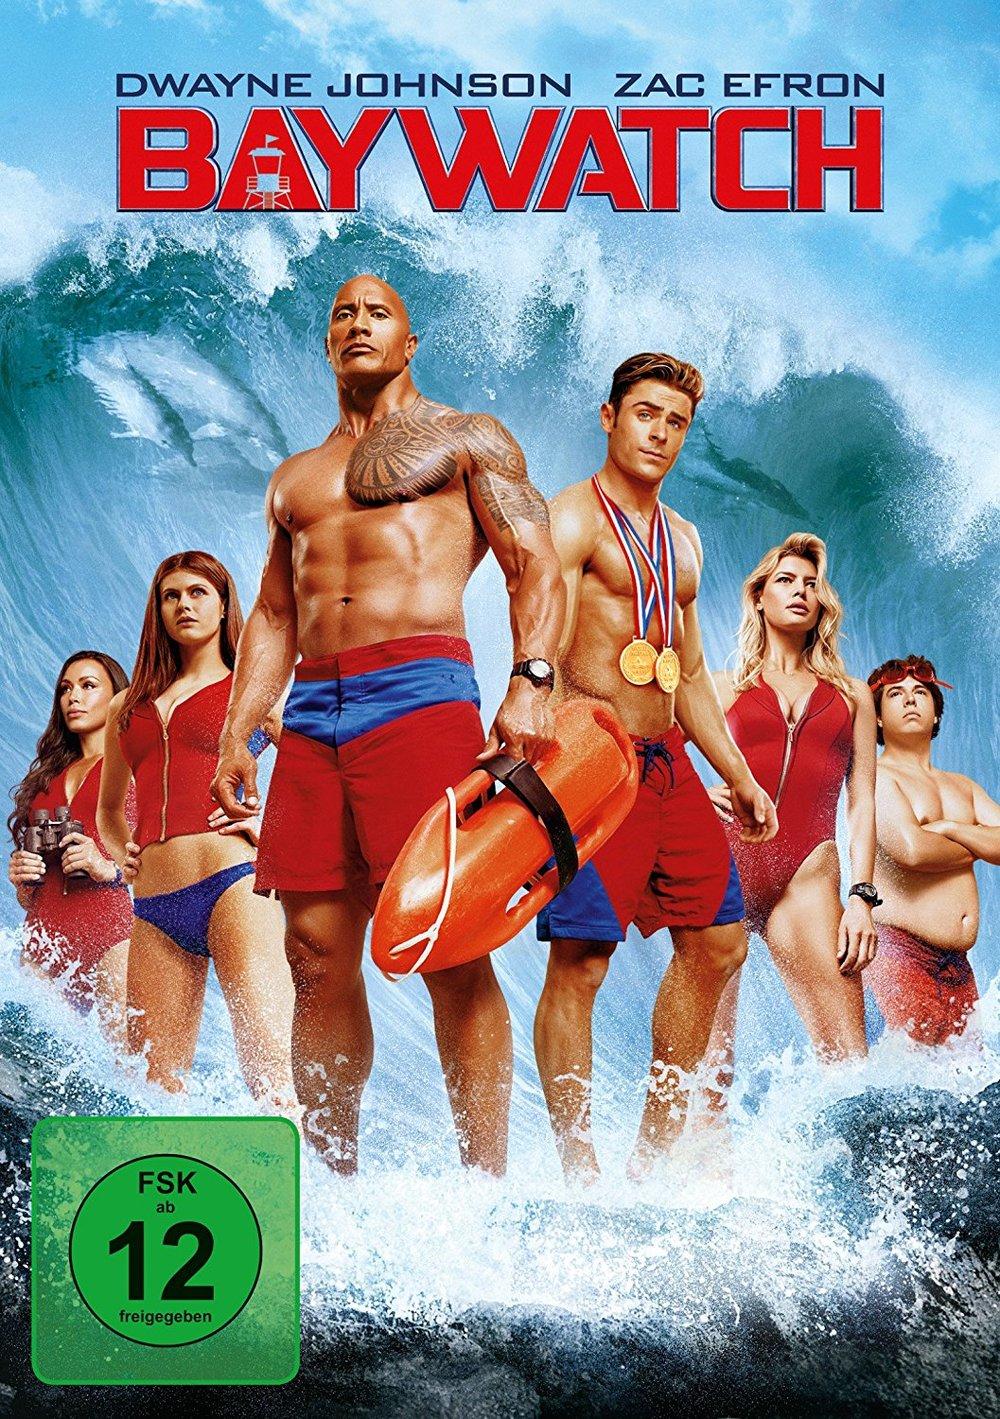 """Sommer, Sonne, Strand und Dwayne Johnson - Wir verlosen """"Baywatch"""" auf DVD"""